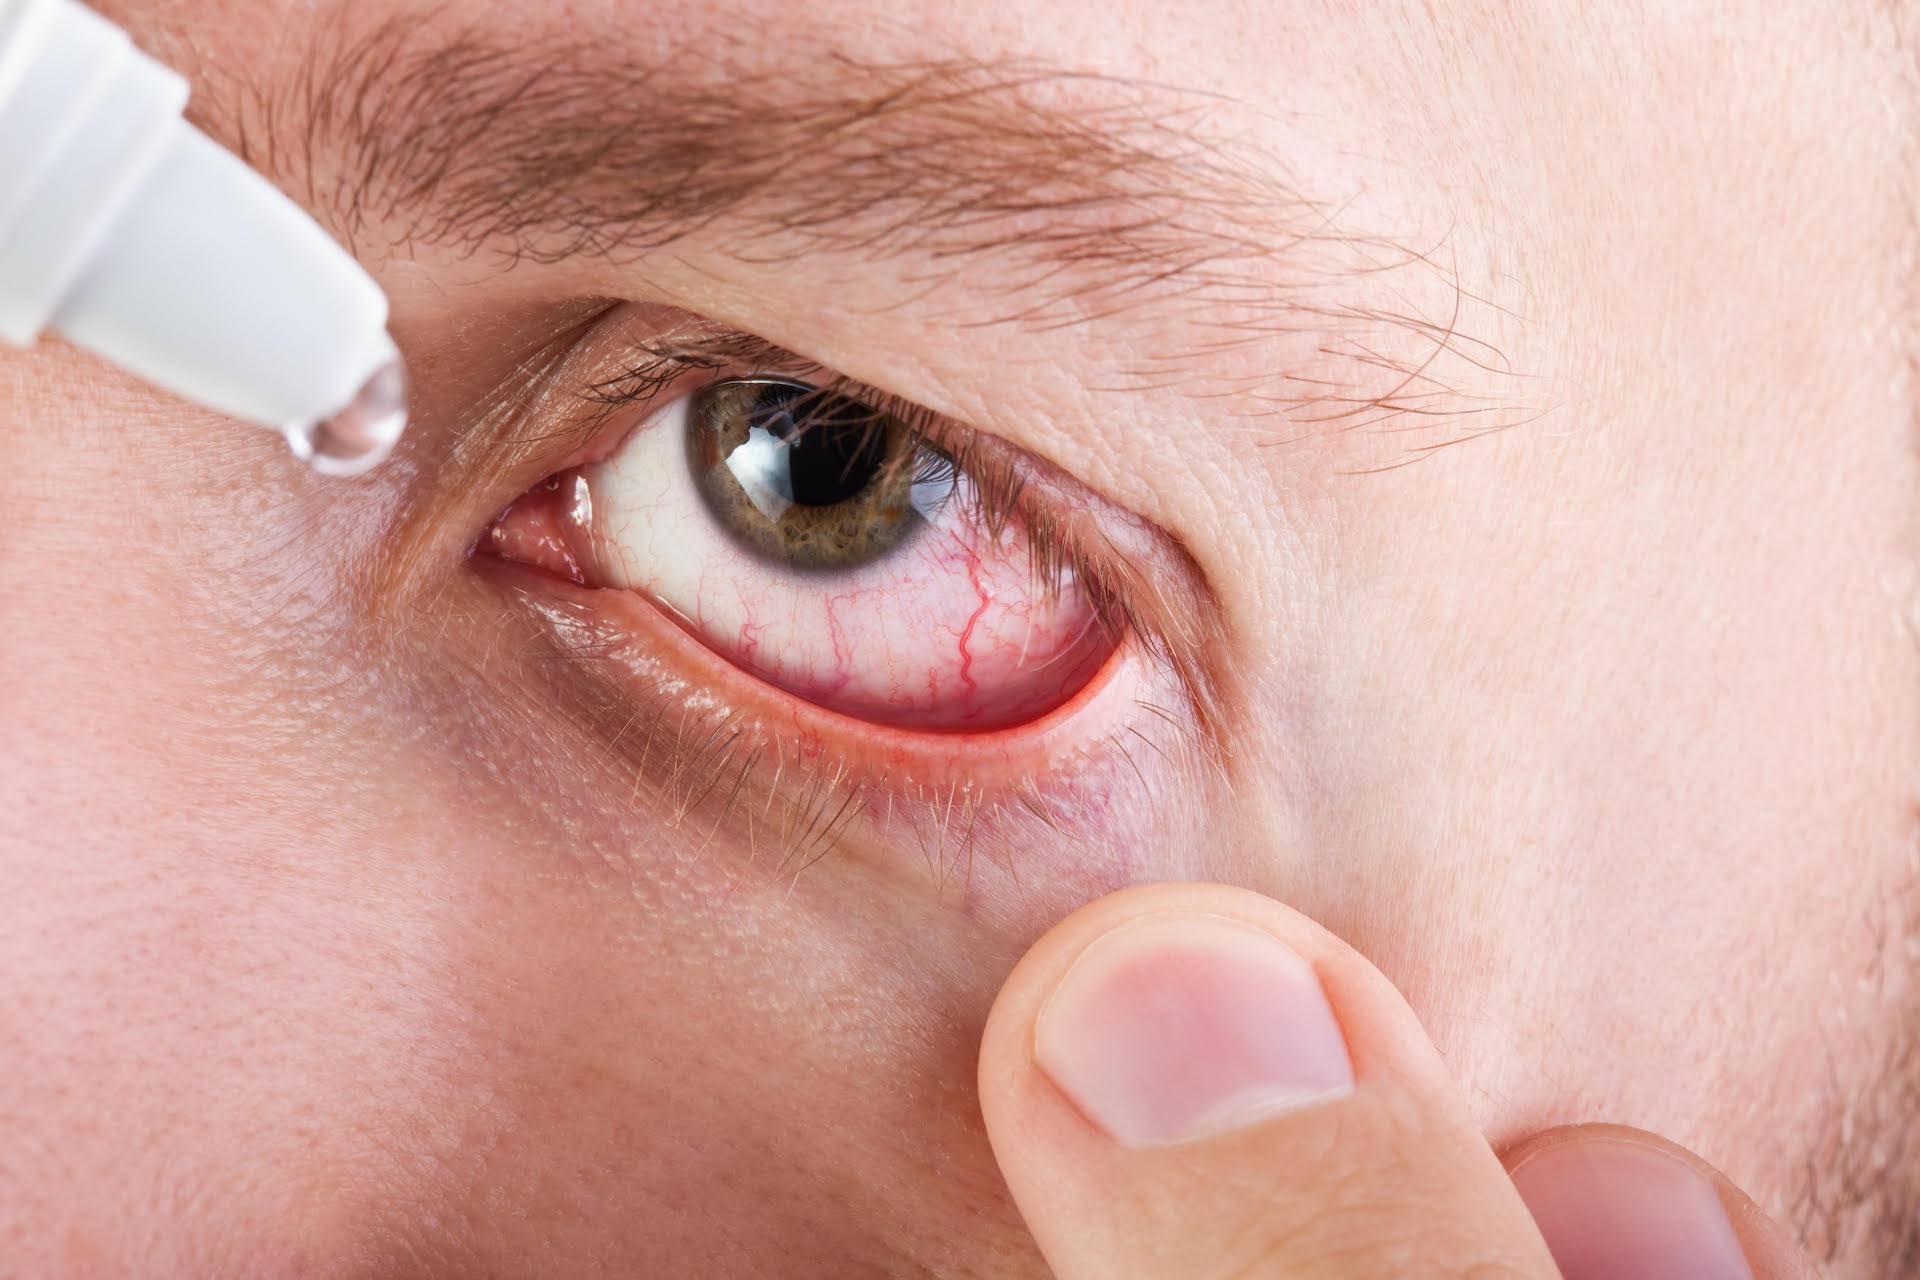 Хламидийный конъюнктивит: рядовое заболевание или опасный недуг?